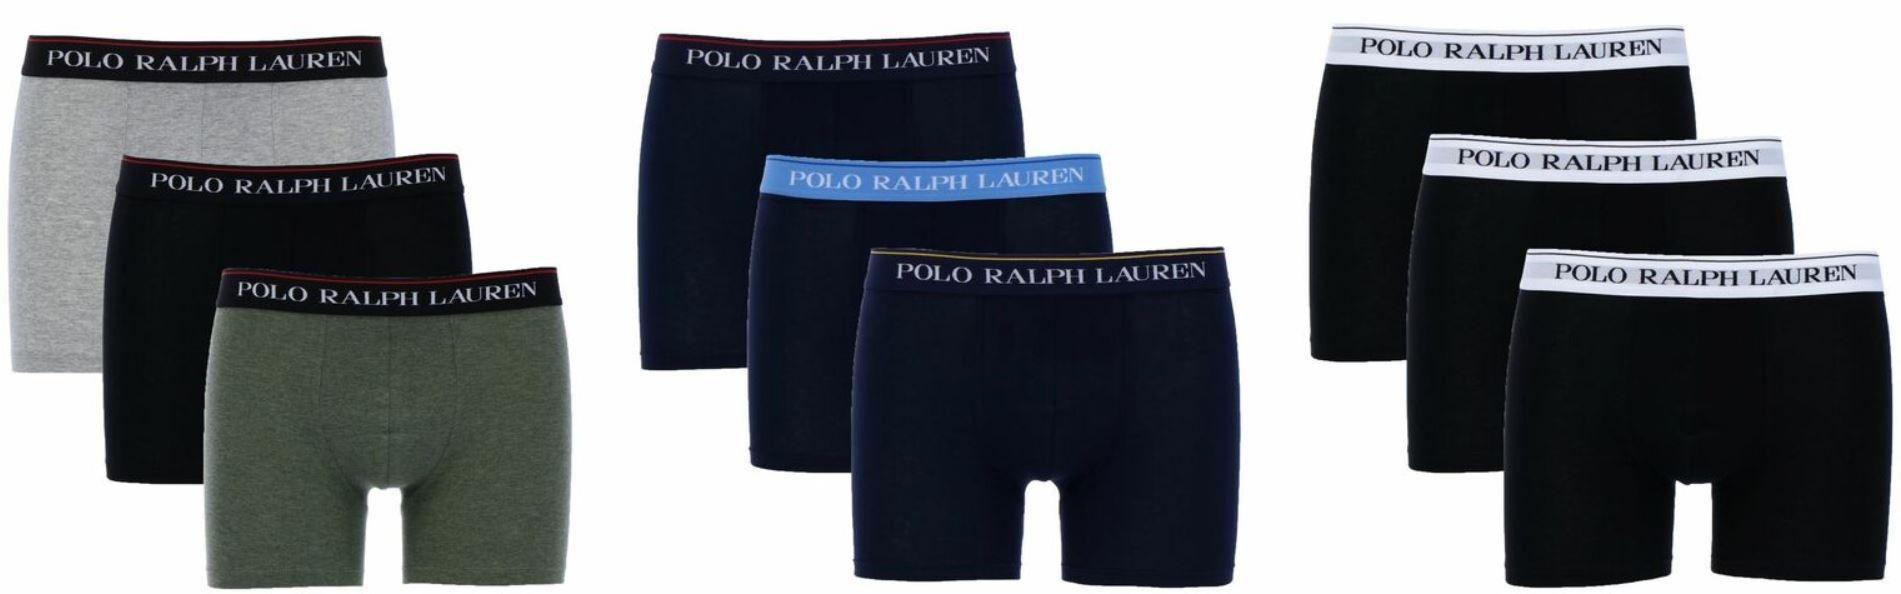 Polo Ralph Lauren 3er Pack Herren Boxershorts für 29,99€ (statt 35€) Restgrößen